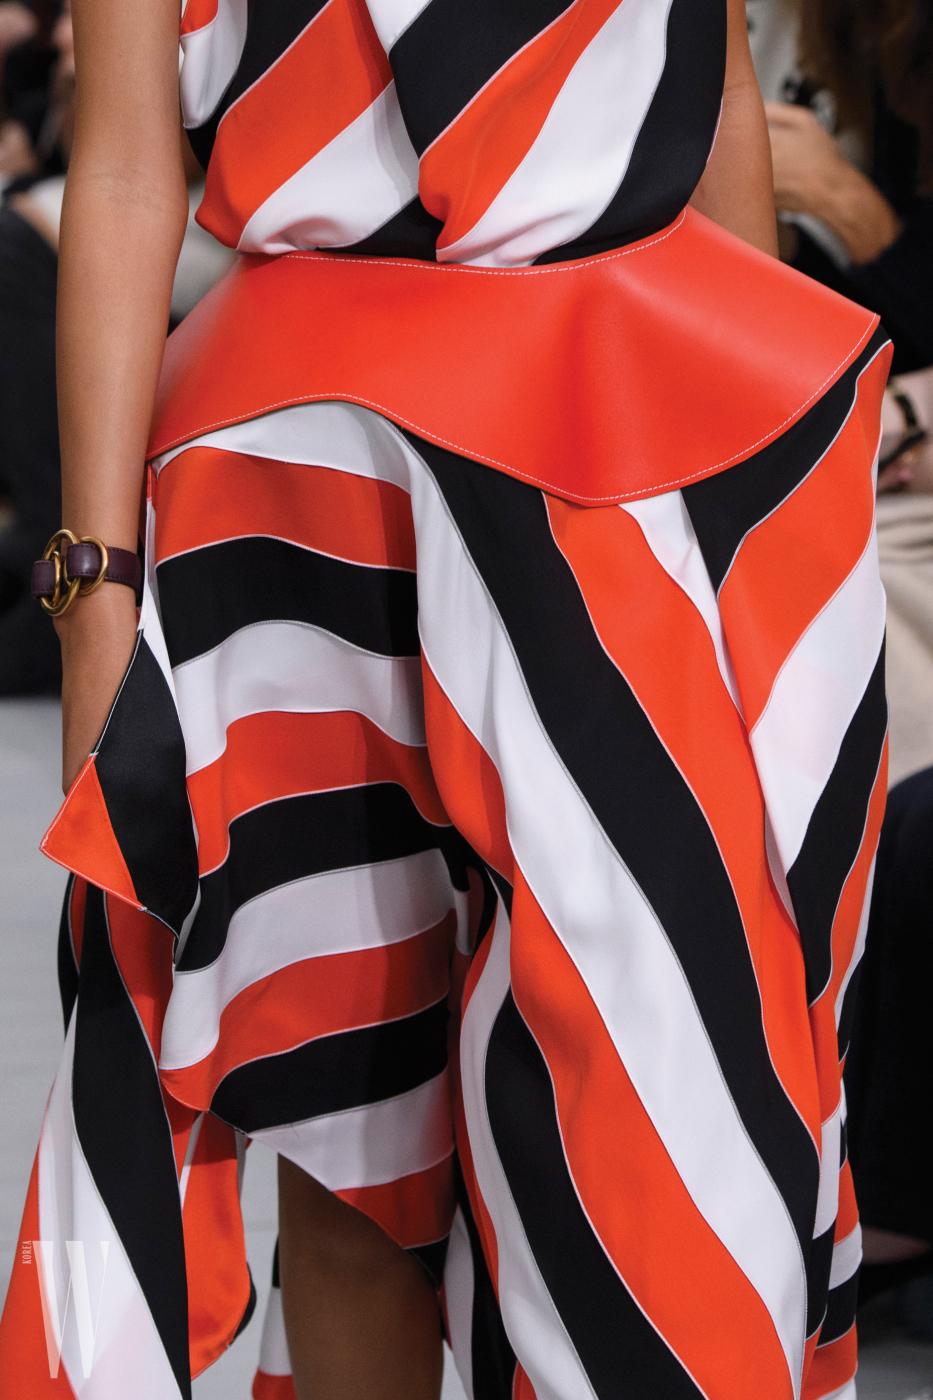 명확한 색감, 구조적인 디자인이 유도한 줄무늬의 드라마틱한 효과.